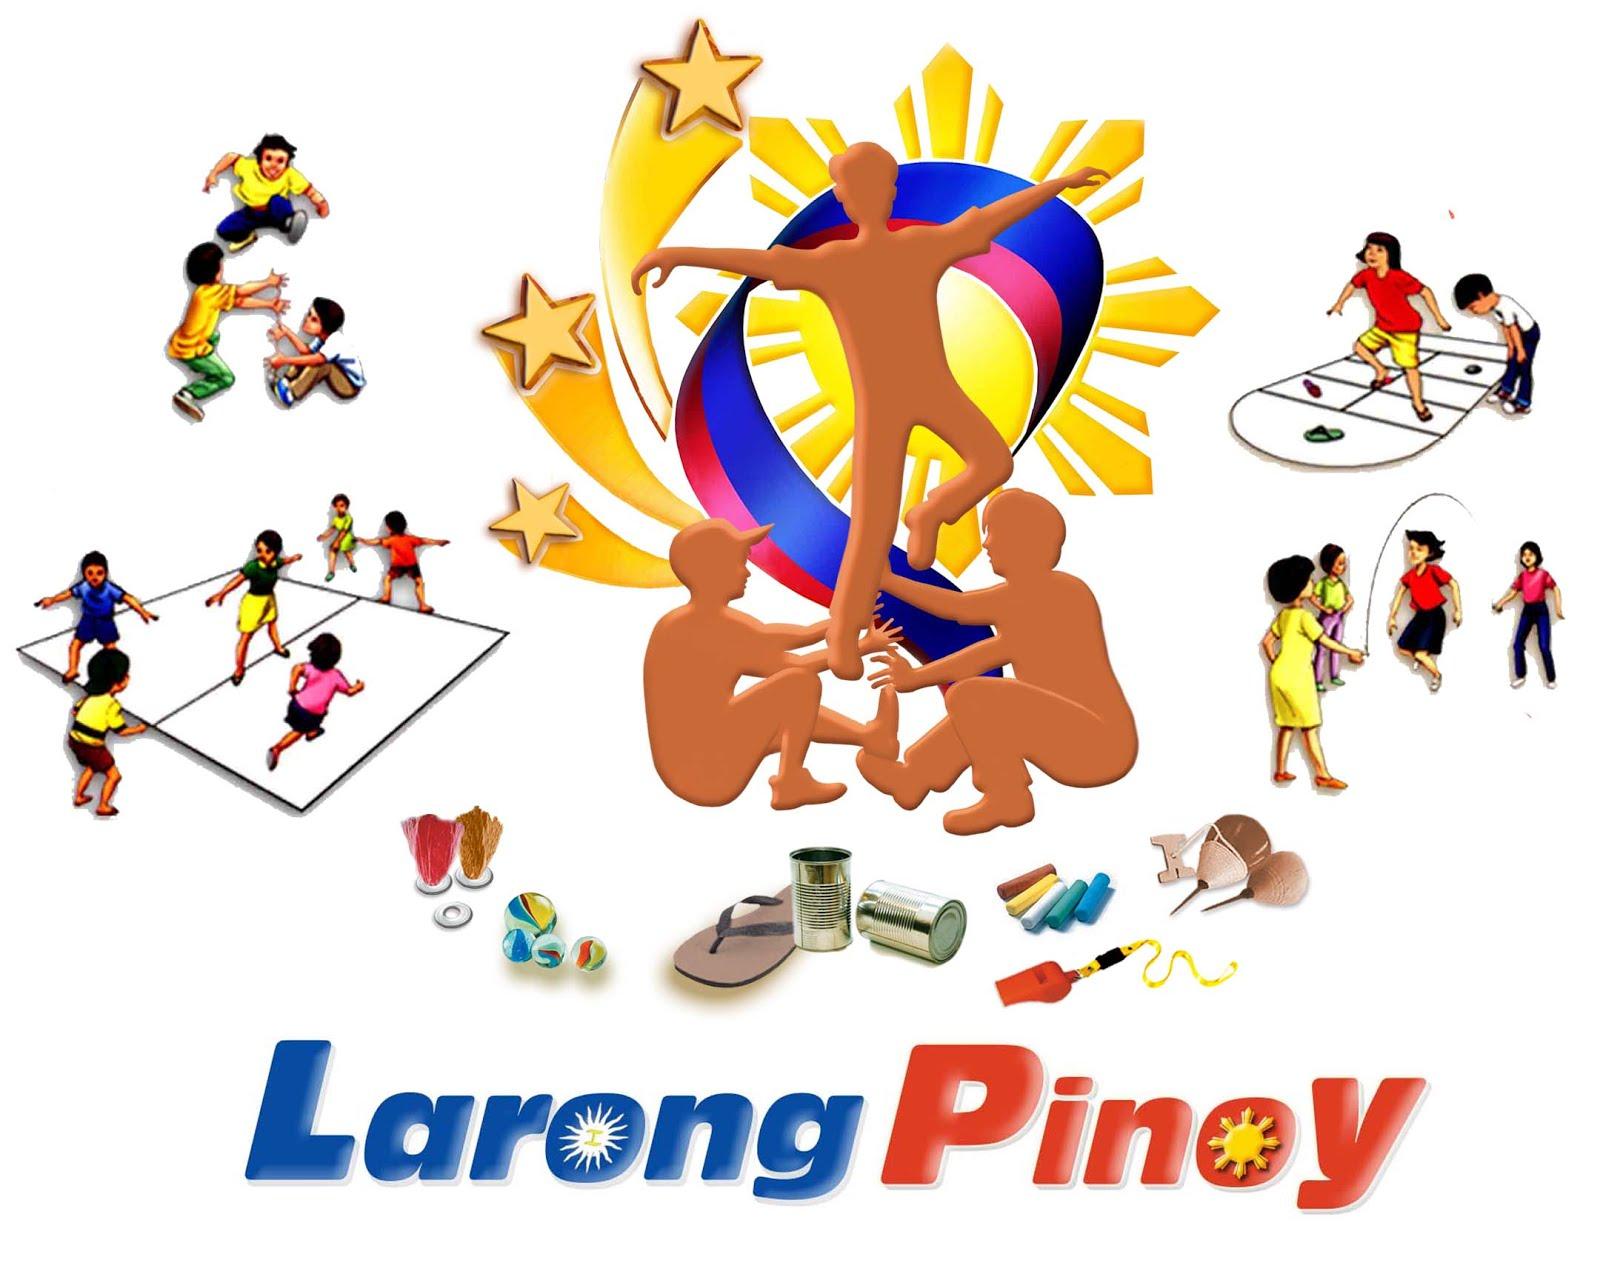 Larong